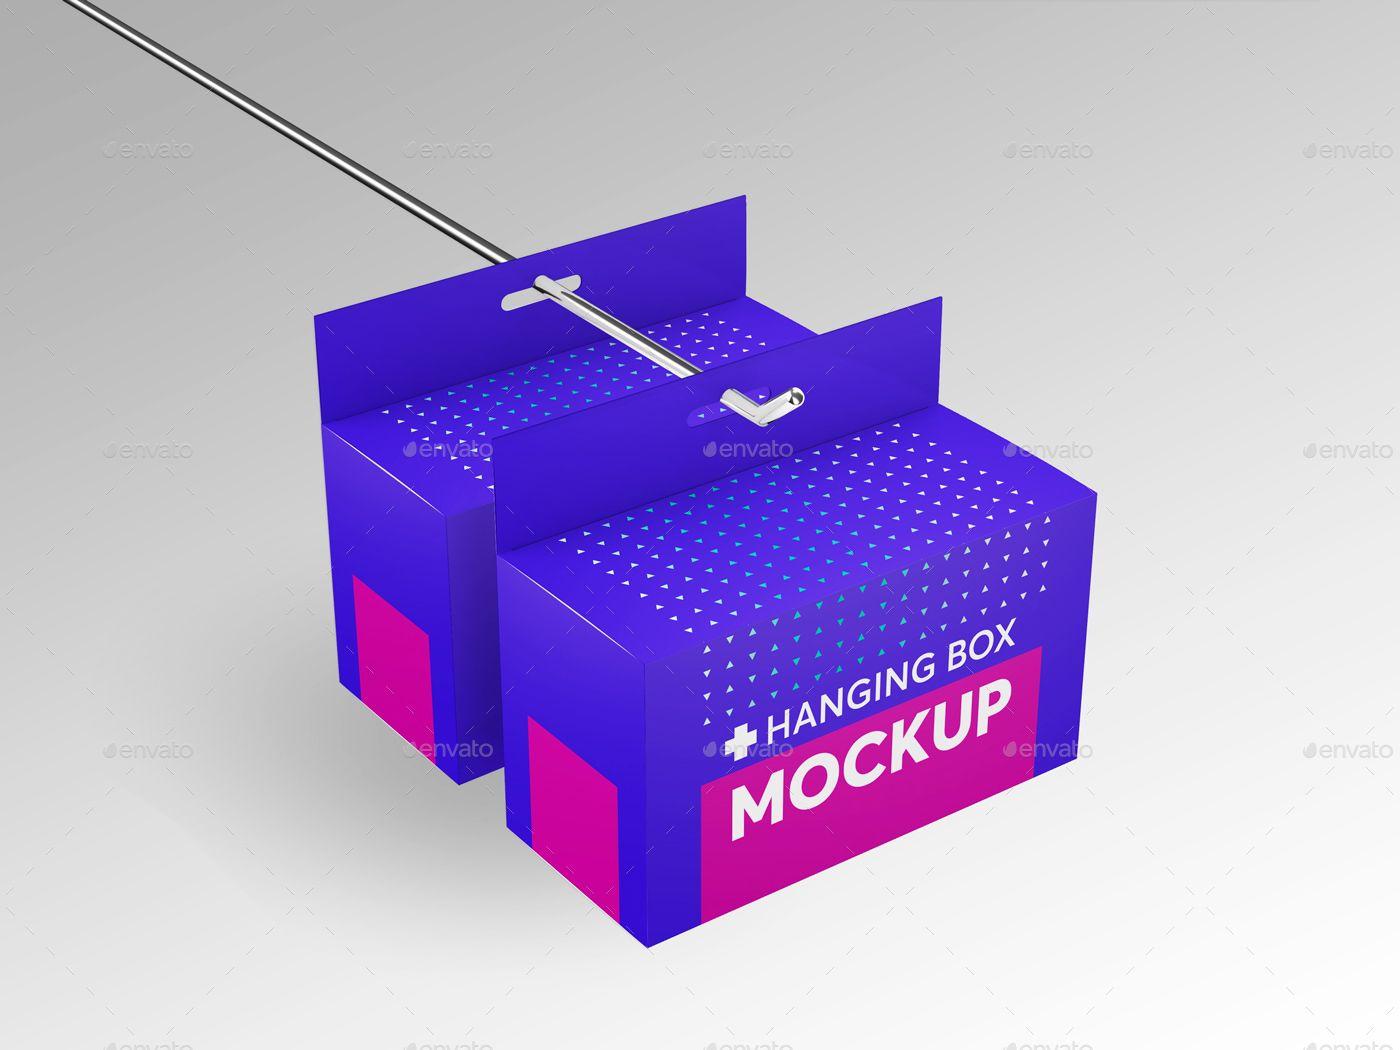 Download Hanging Rectangle Box Mockups V 2 Affiliate Rectangle Spon Hanging Mockups Box Box Mockup Box Packaging Design Packaging Design